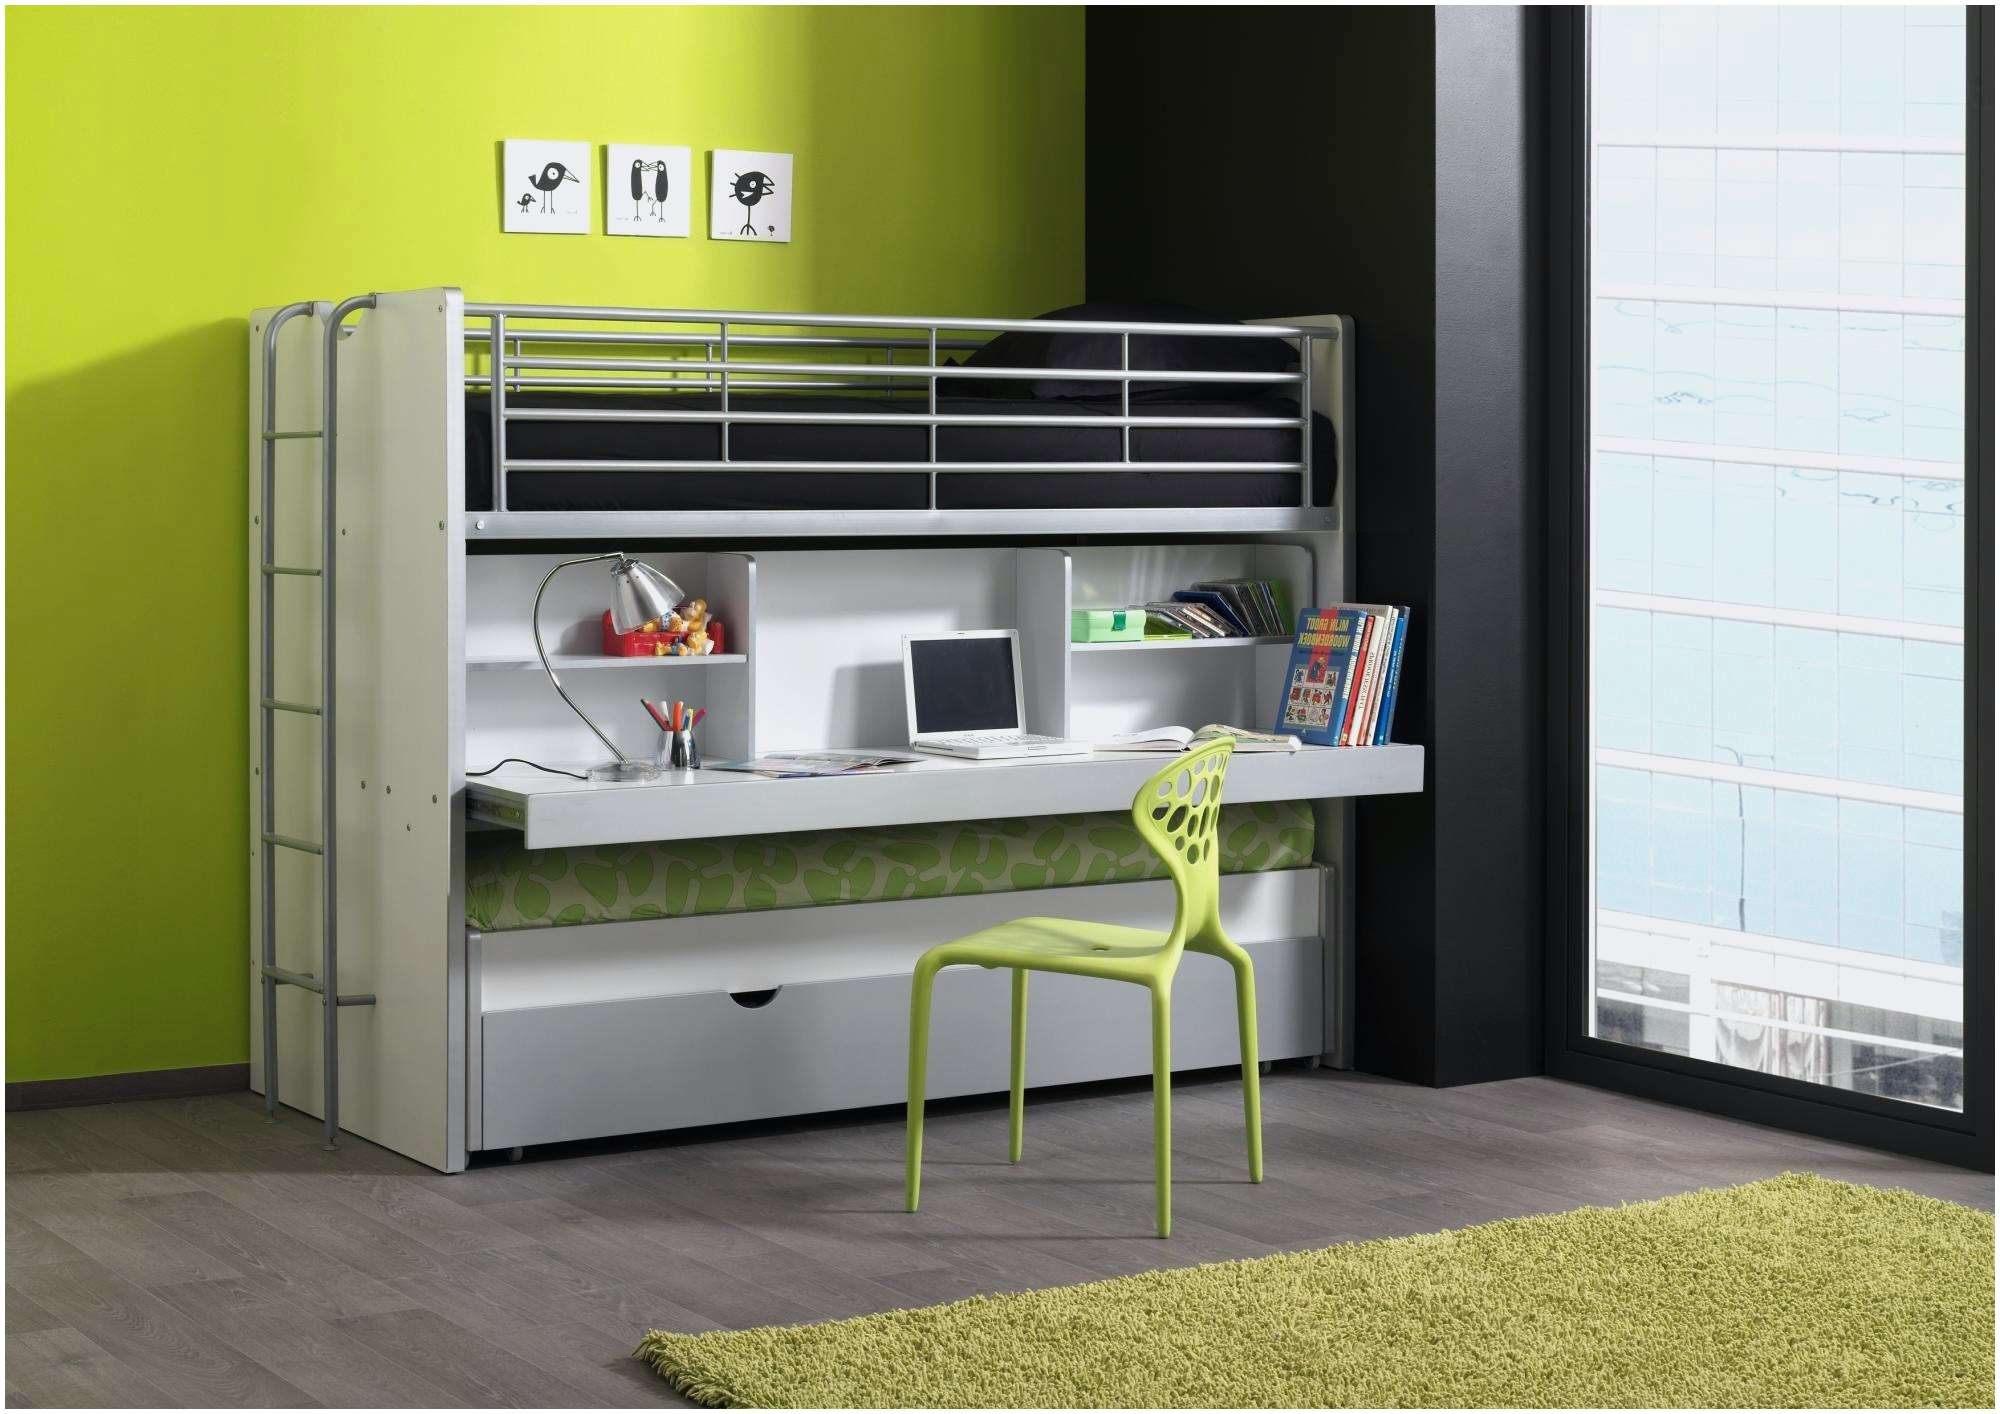 Lit Superposé Adulte Ikea Meilleur De Impressionnant Lit Superposé Adulte élégant Merveilleux Chambre B